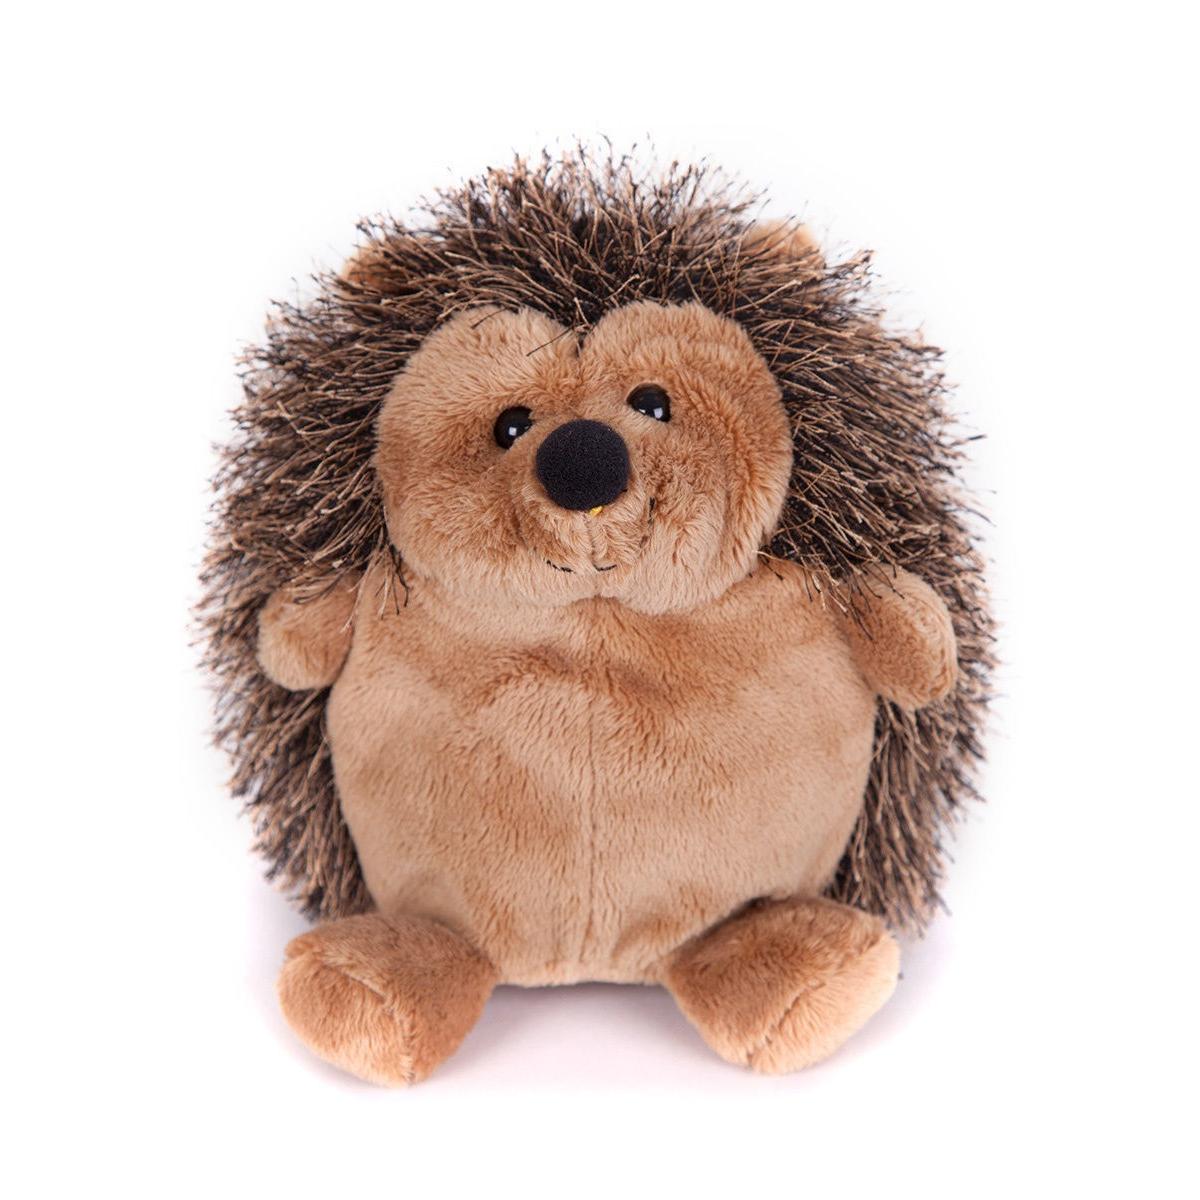 Фото - Мягкая игрушка Gulliver Ежик сидячий 20 см мягкая игрушка gulliver пушистый хвостик лисичка 30 см